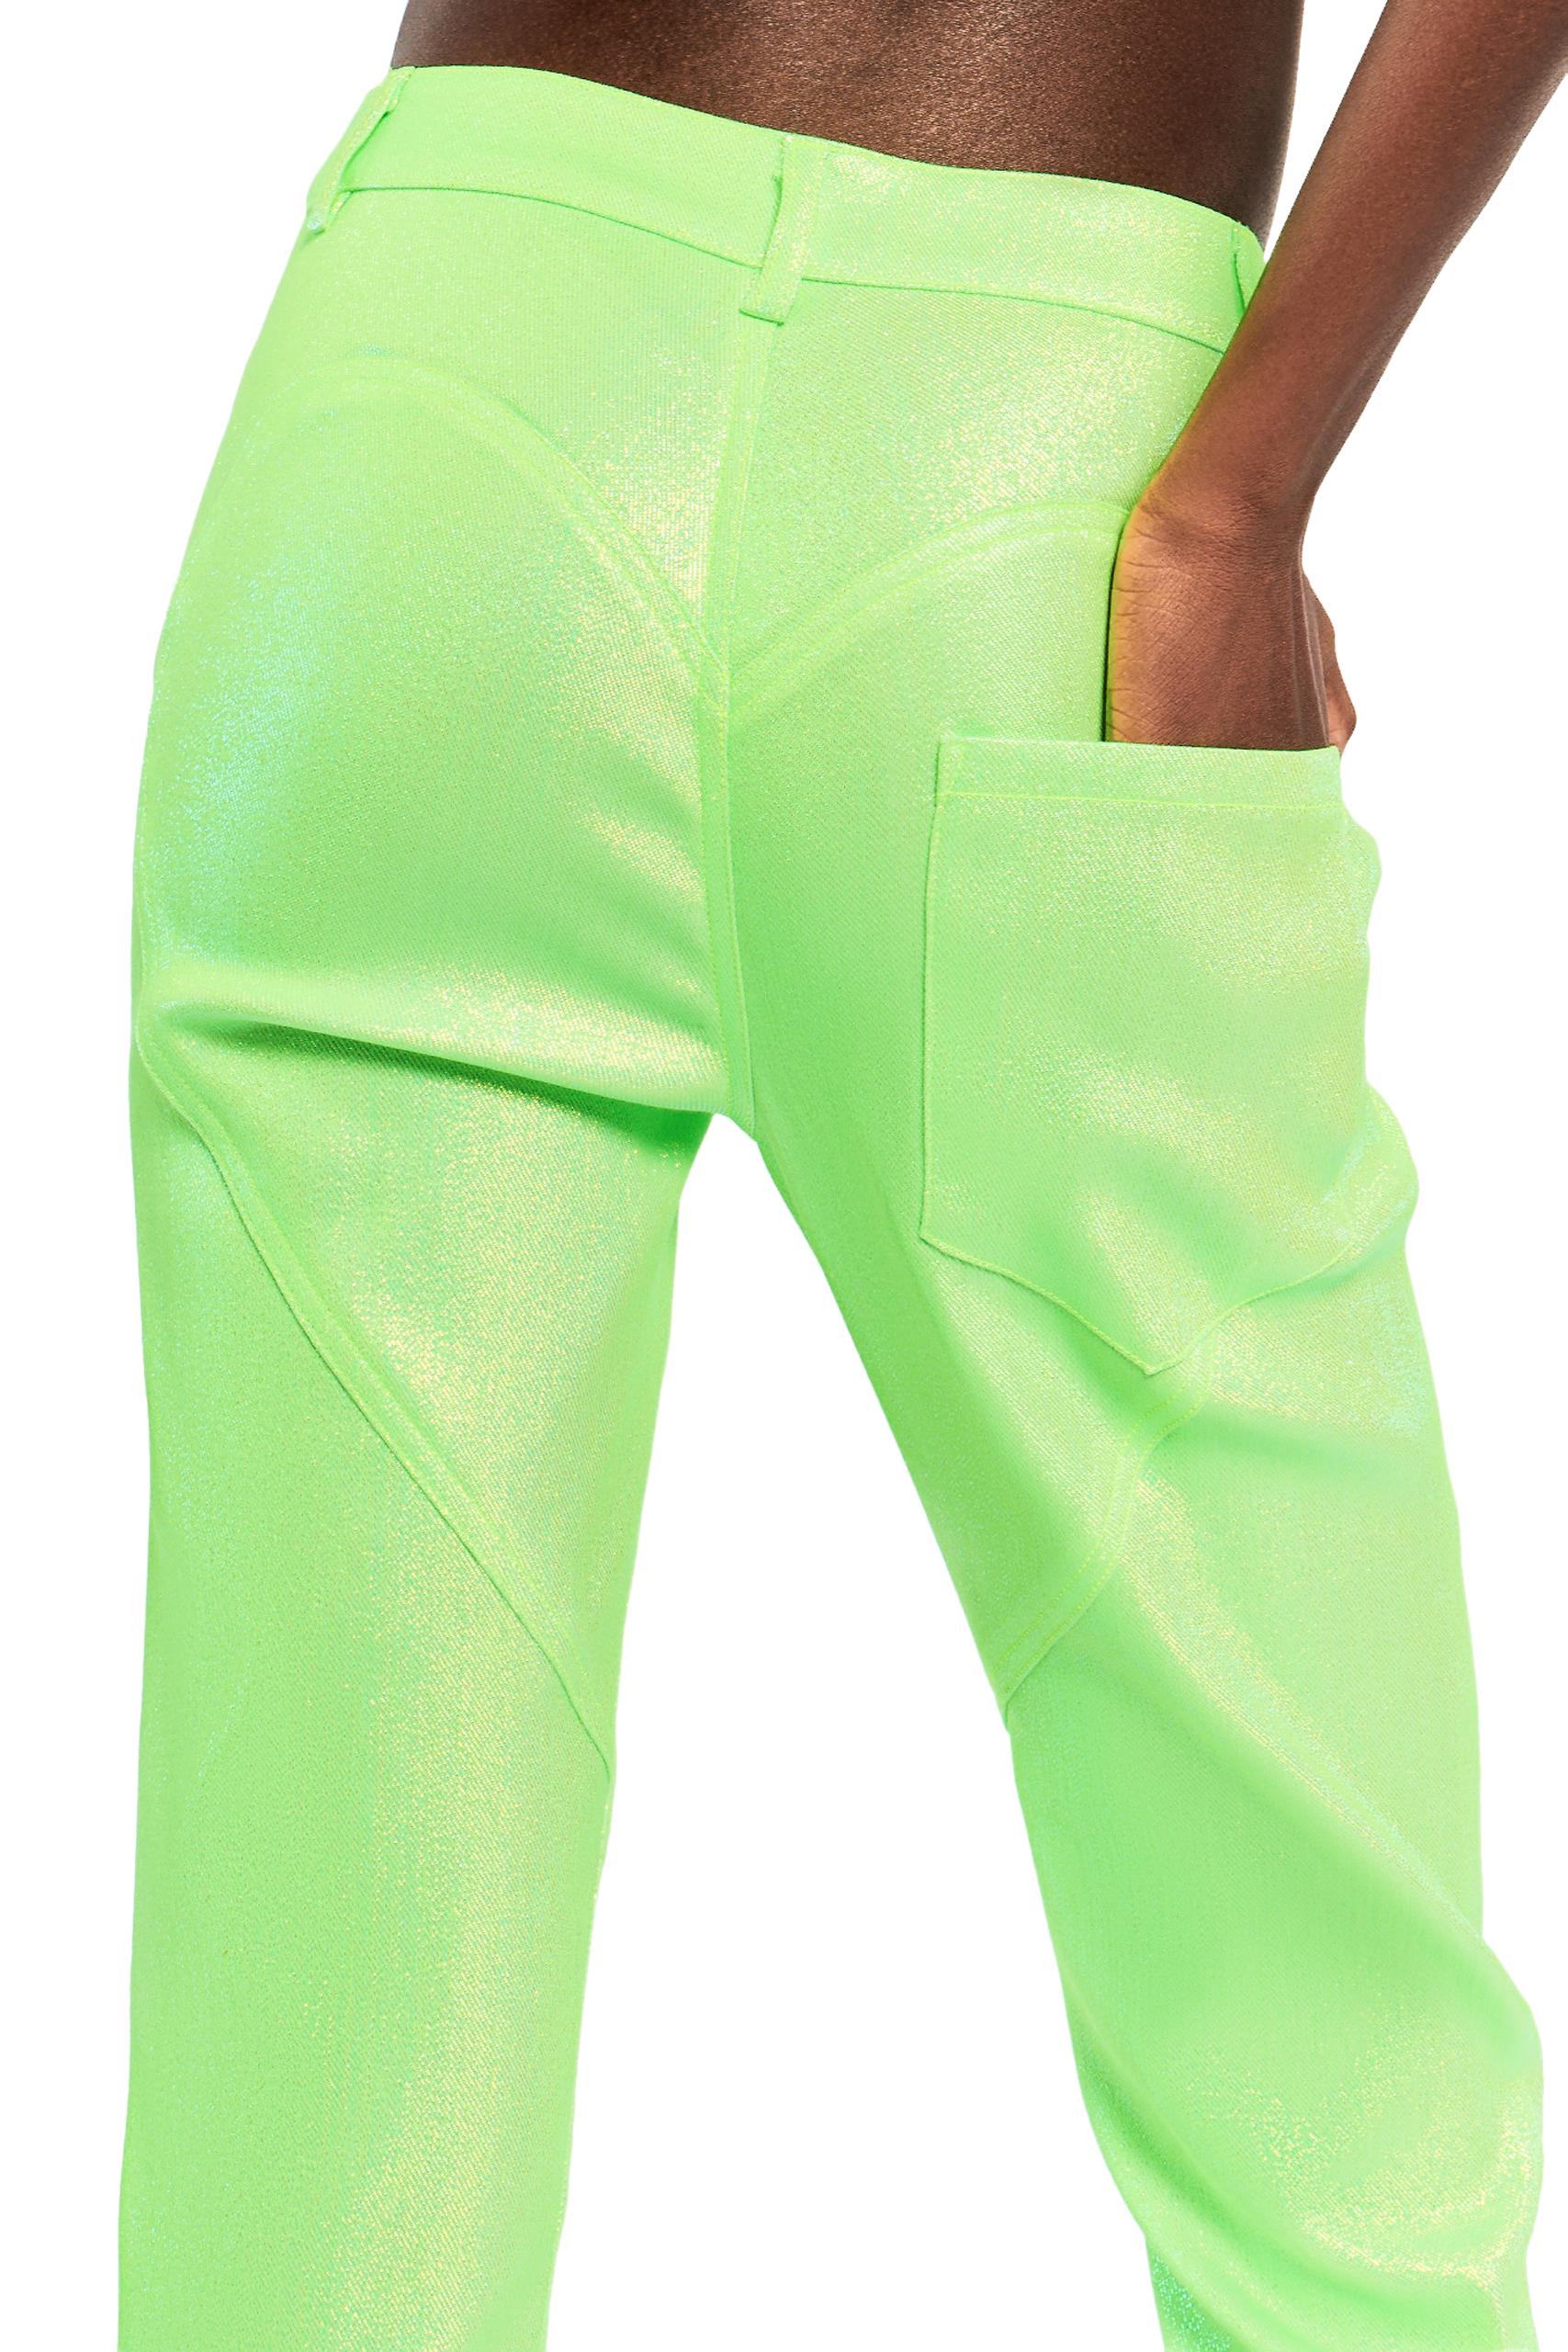 Five Pocket Jean